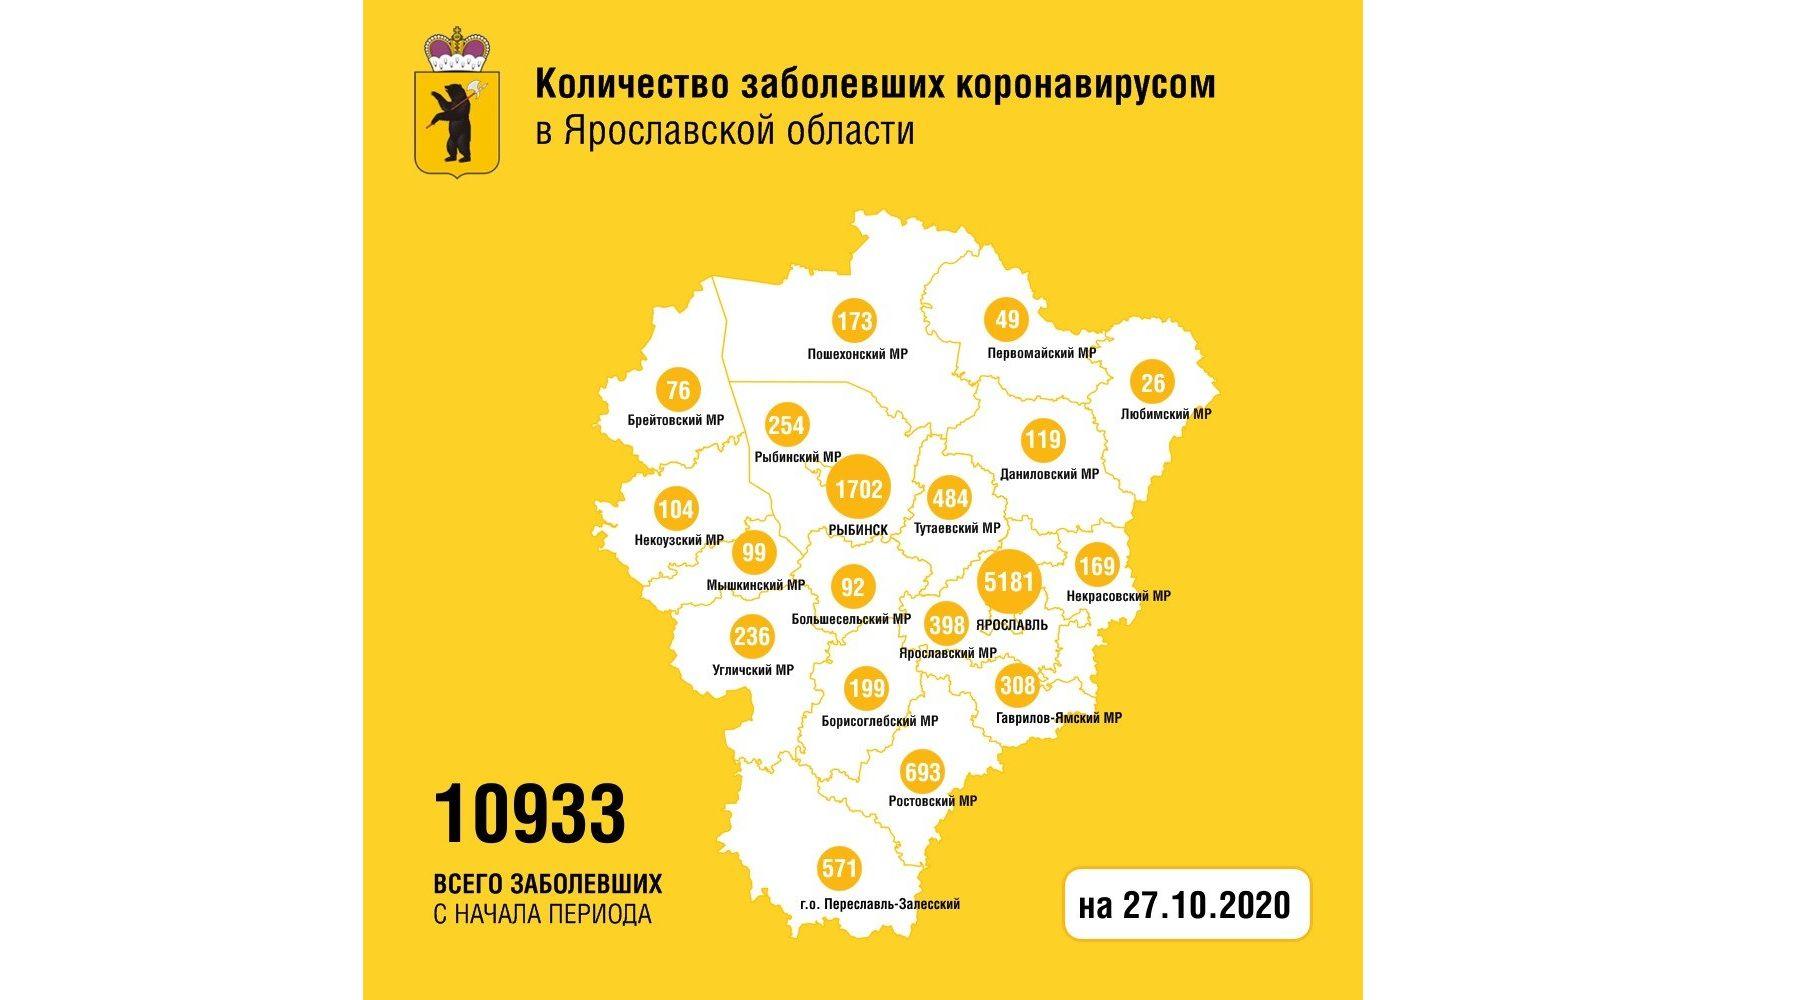 Еще 131 жителя Ярославской области вылечили от коронавируса